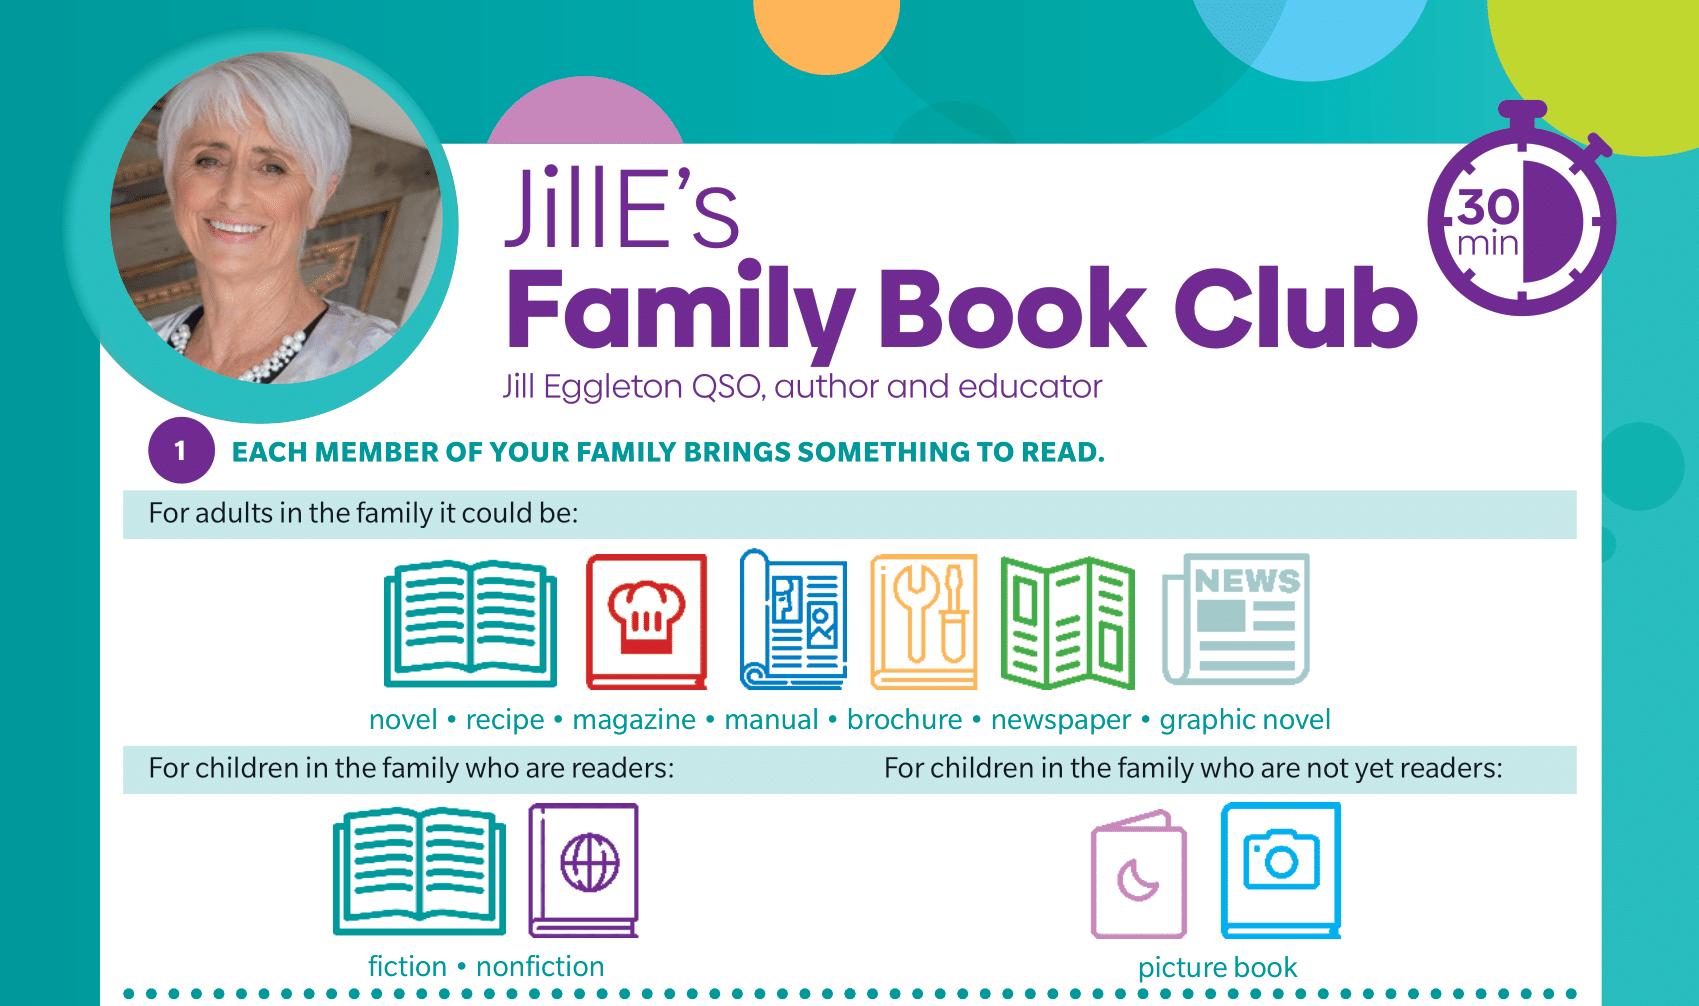 JillE's Family Book Club